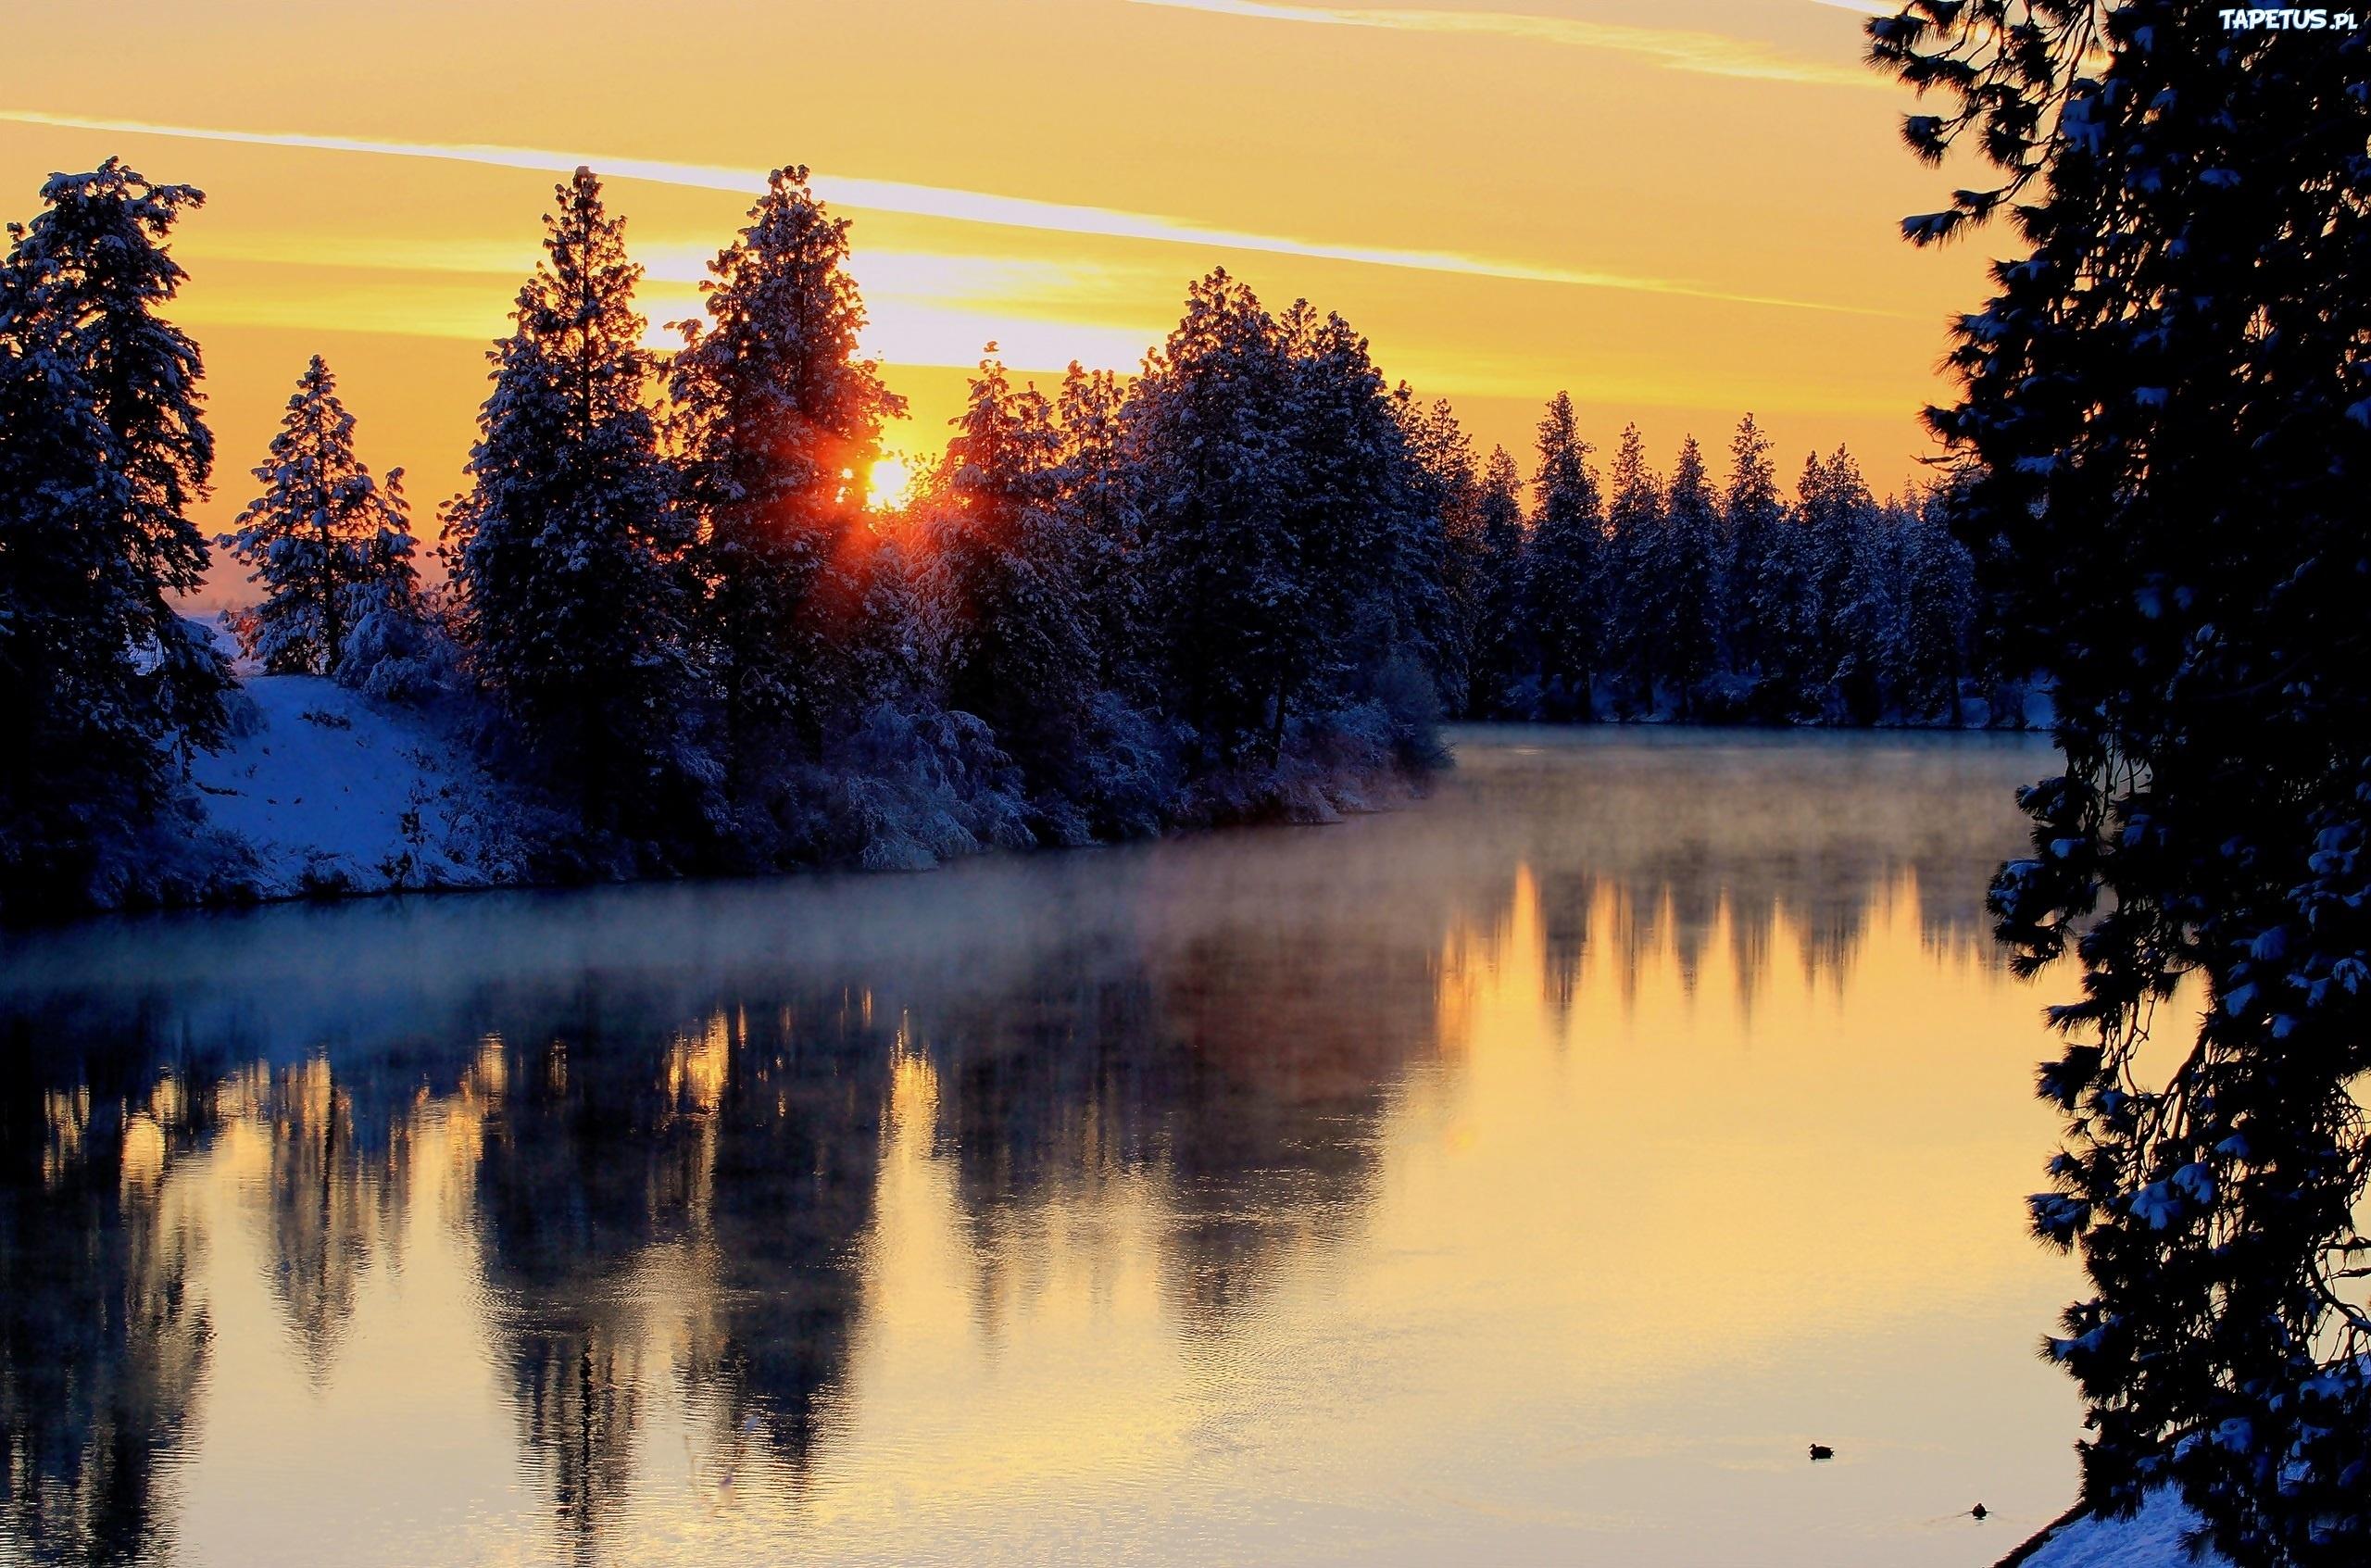 заснеженная растительность на закате  № 1027171 загрузить